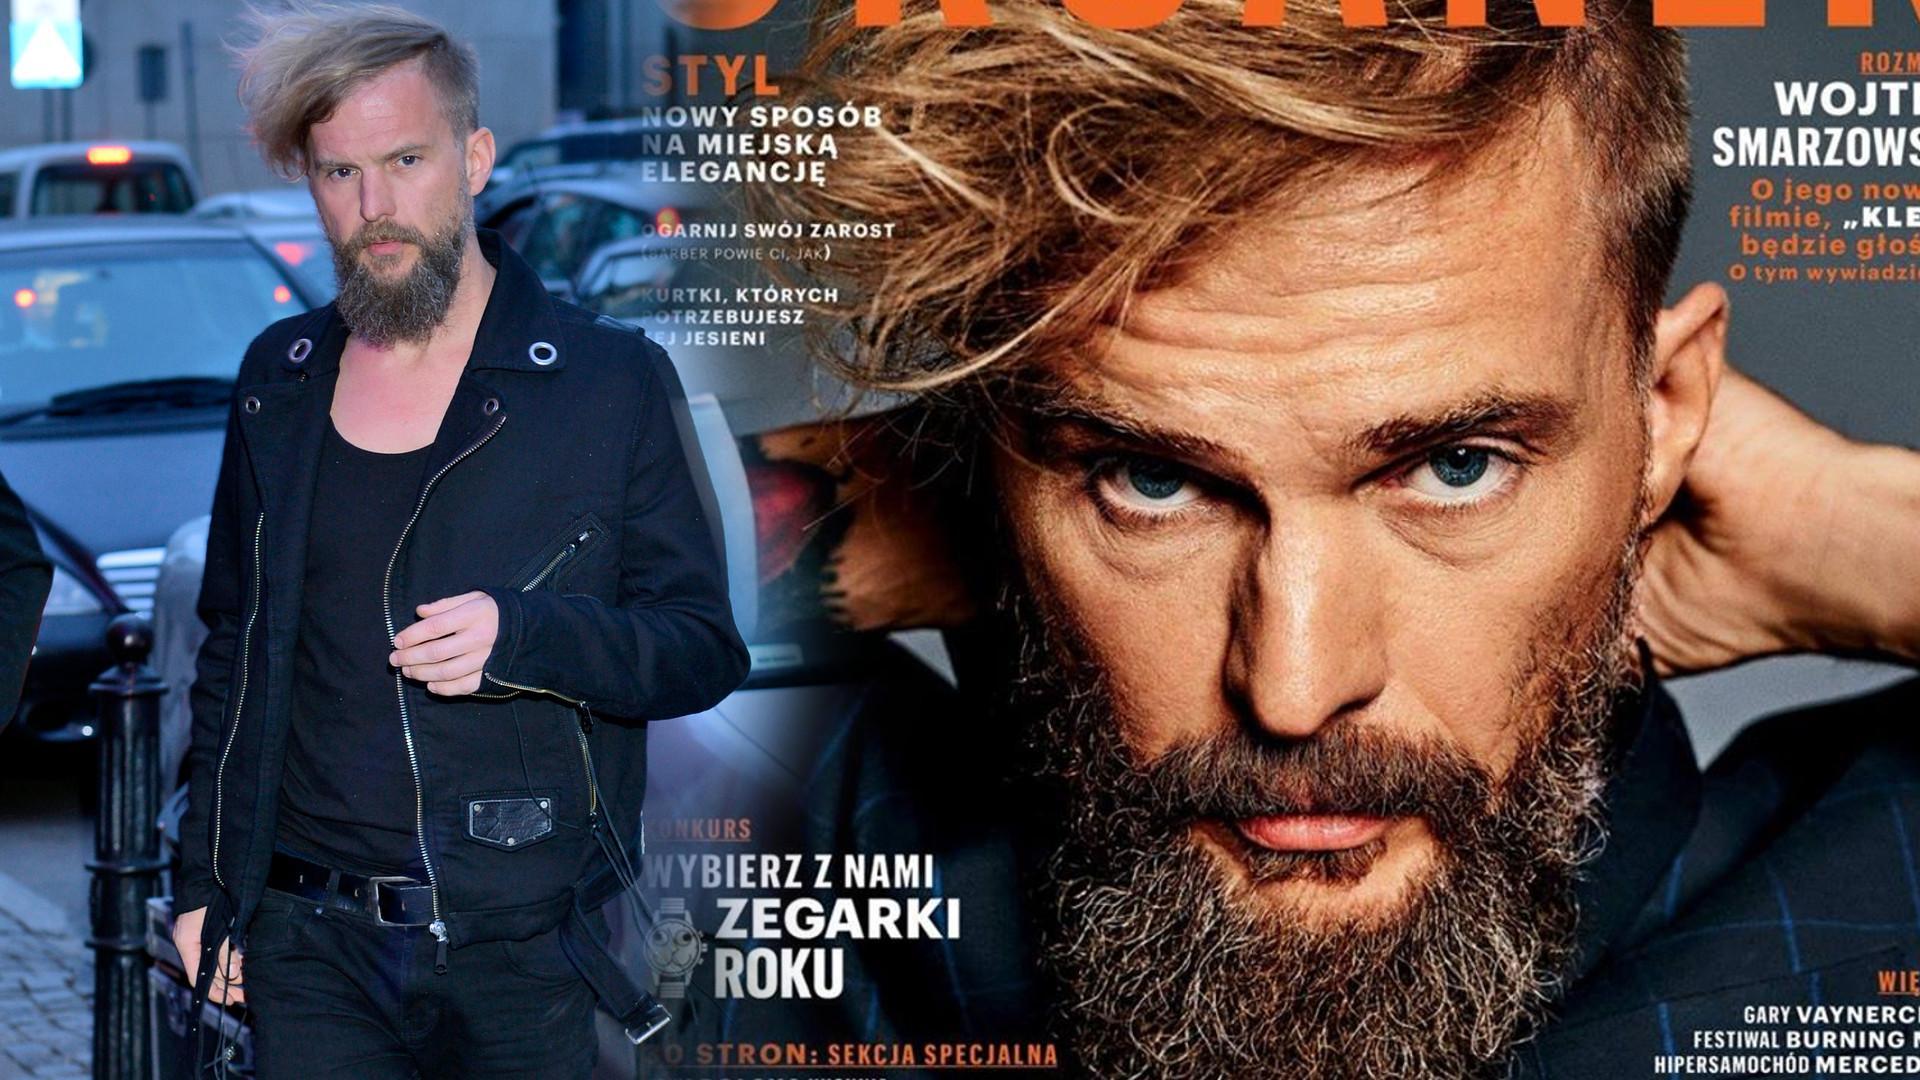 Organek w Esquire opowiedział, skąd się wzięła szrama na jego twarzy